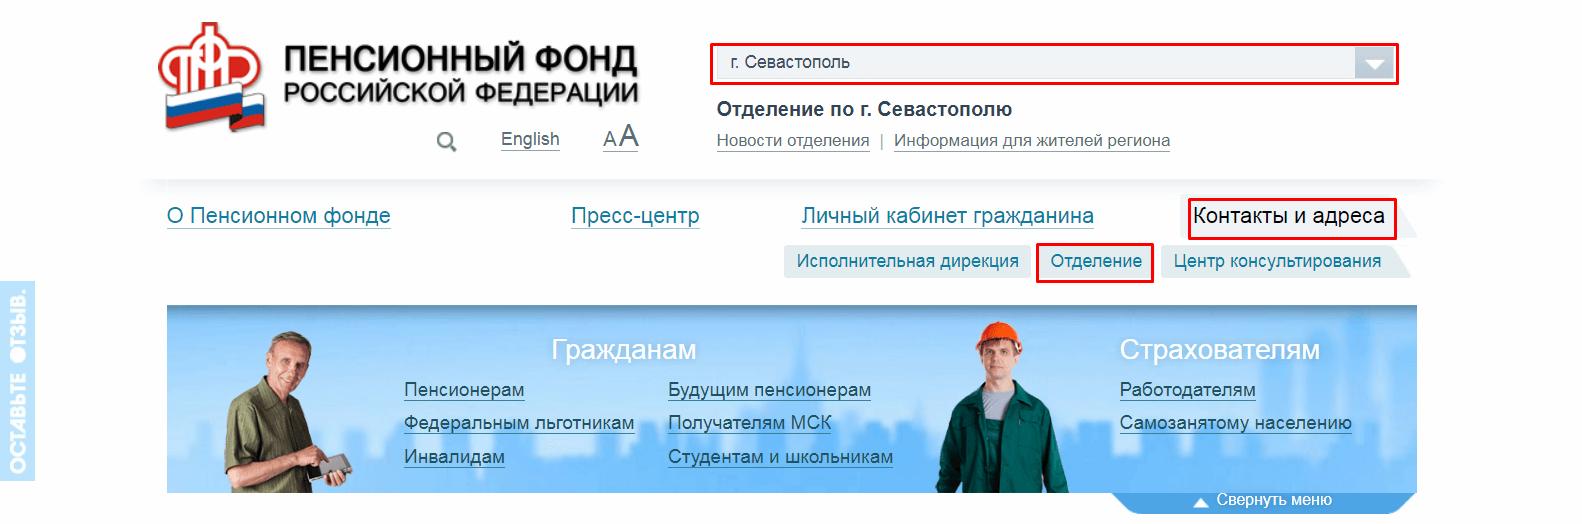 Пенсионный фонд севастополь личный кабинет